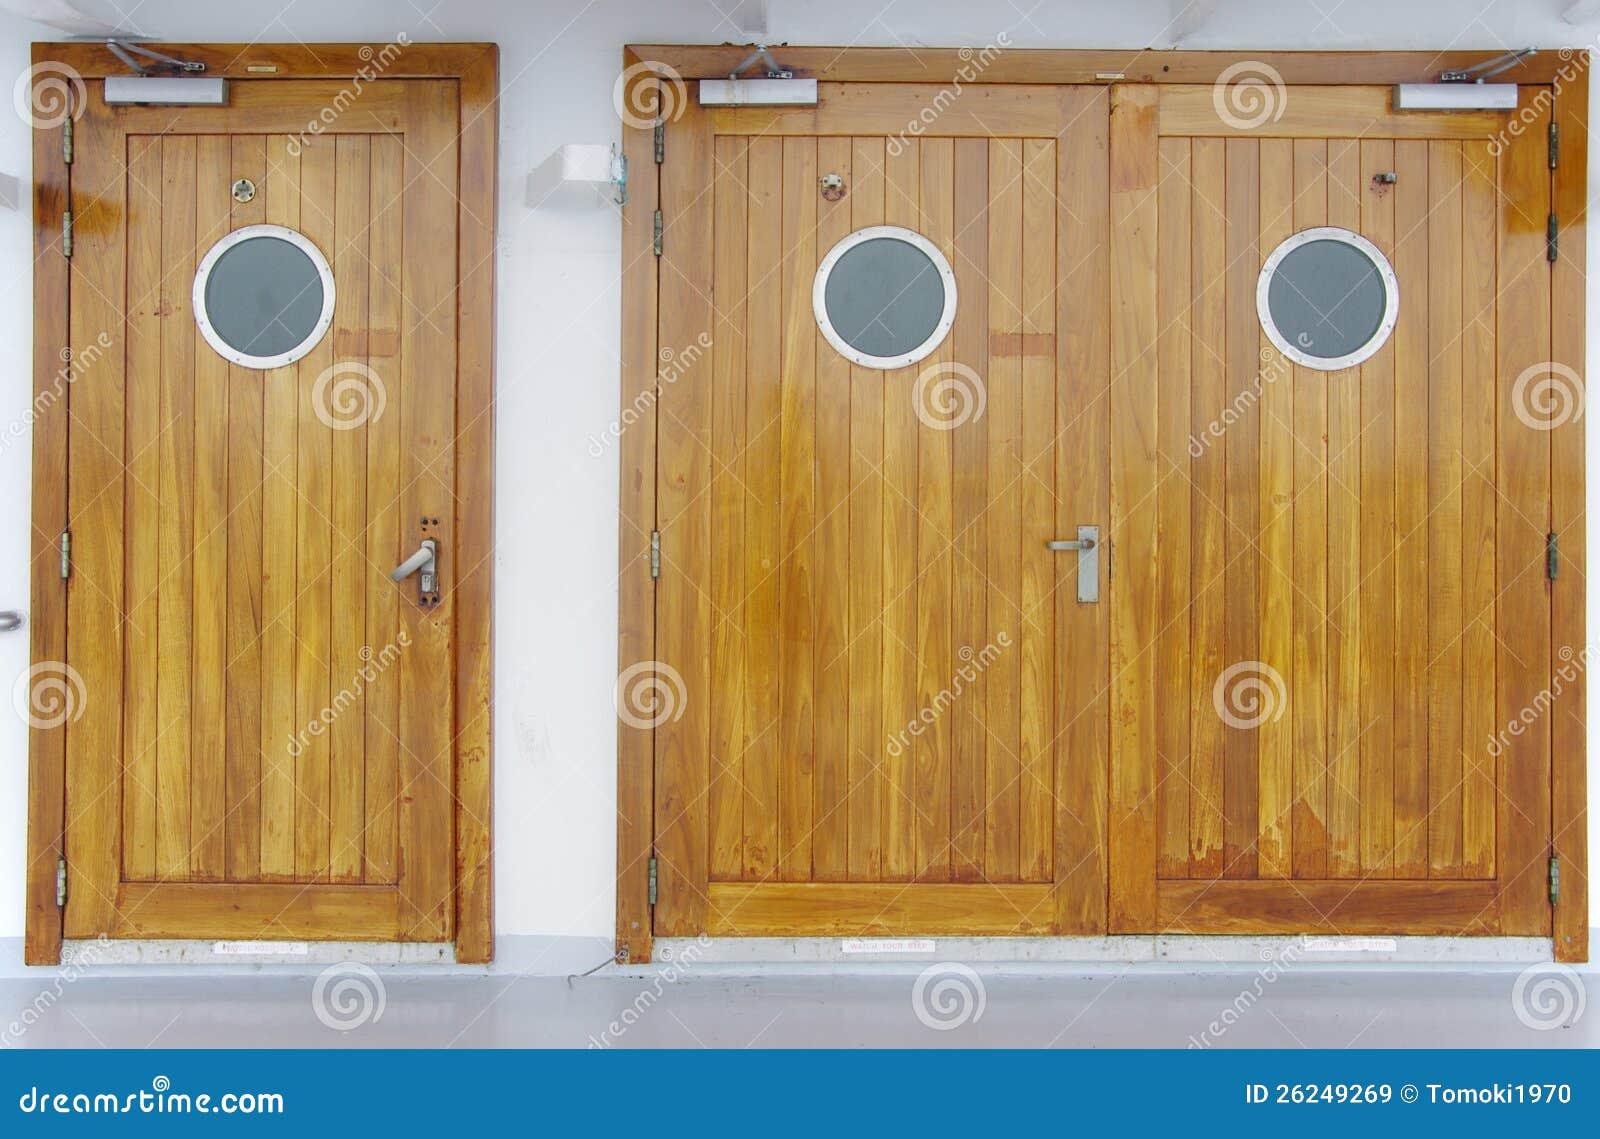 Puertas de madera con una ventana del c rculo imagen de for Puertas de madera de ocasion